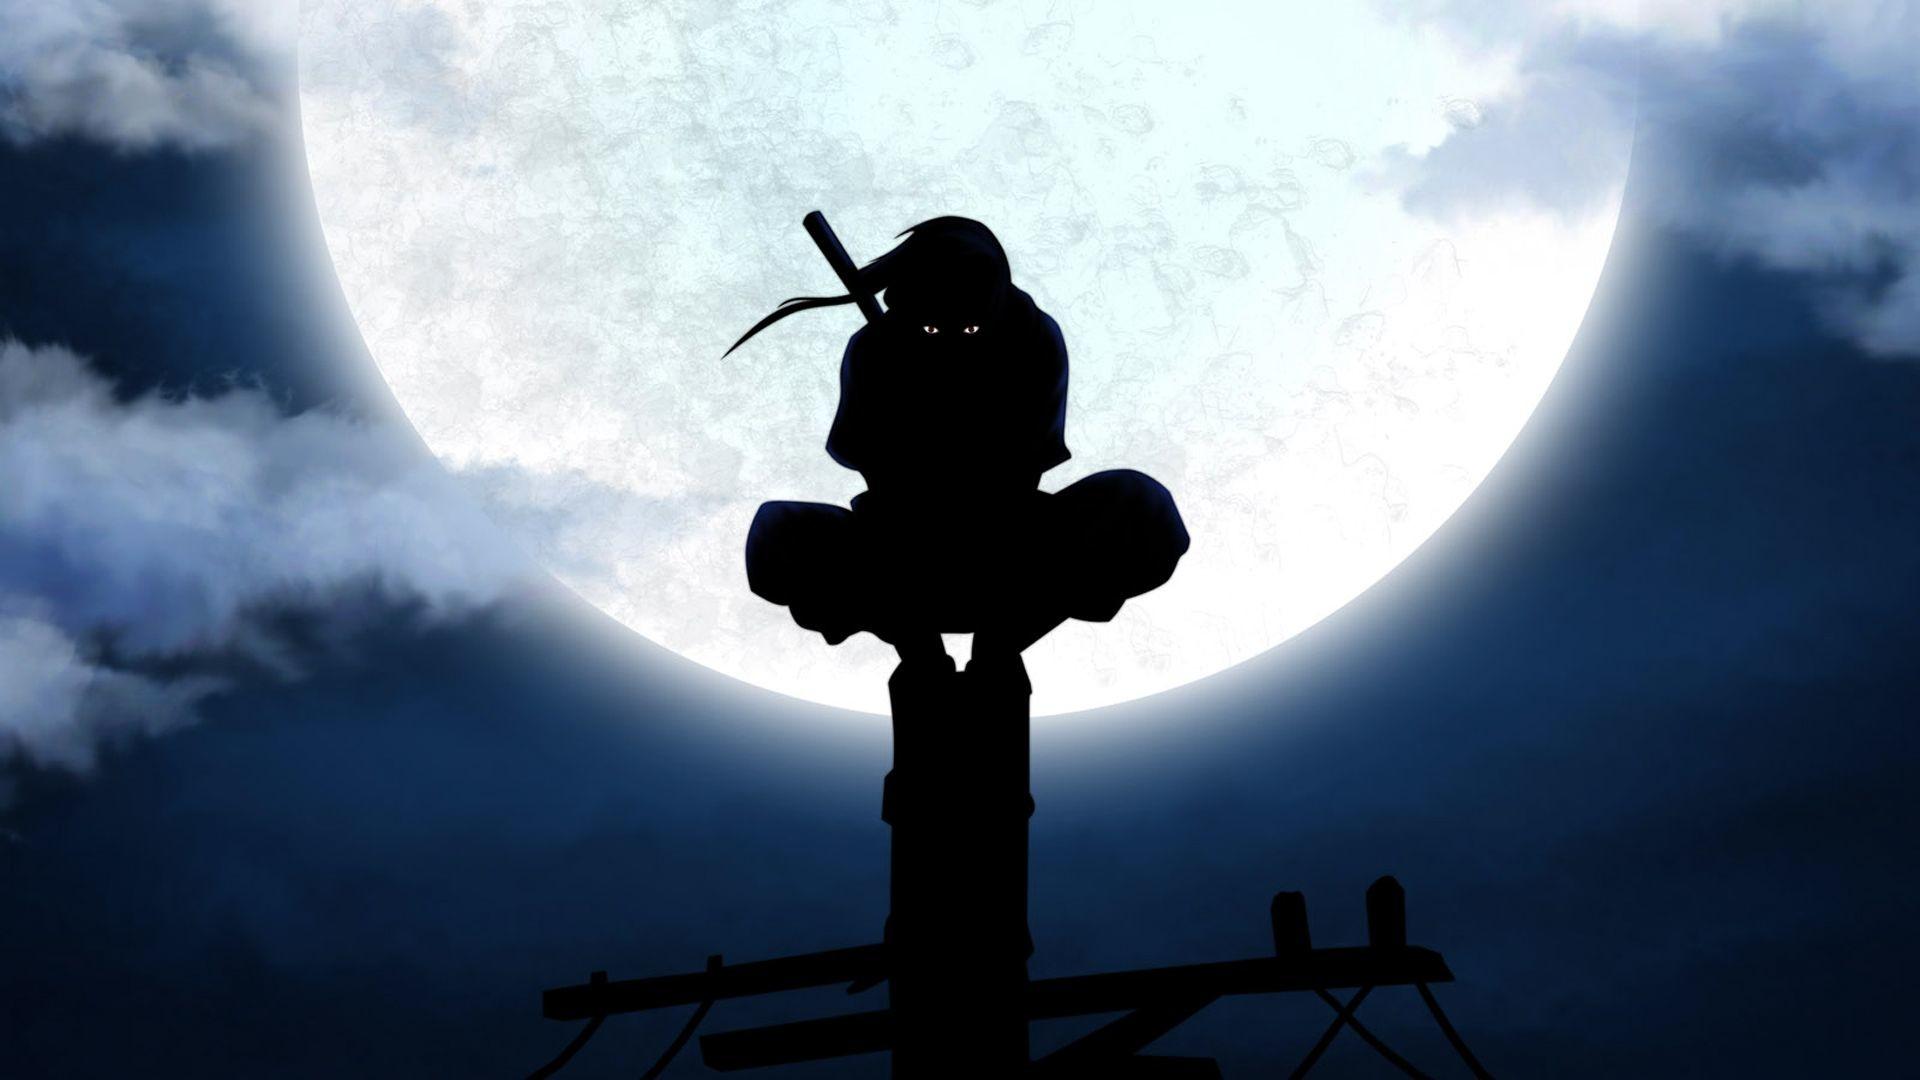 Res: 1920x1080, Anime Ninja Wallpaper